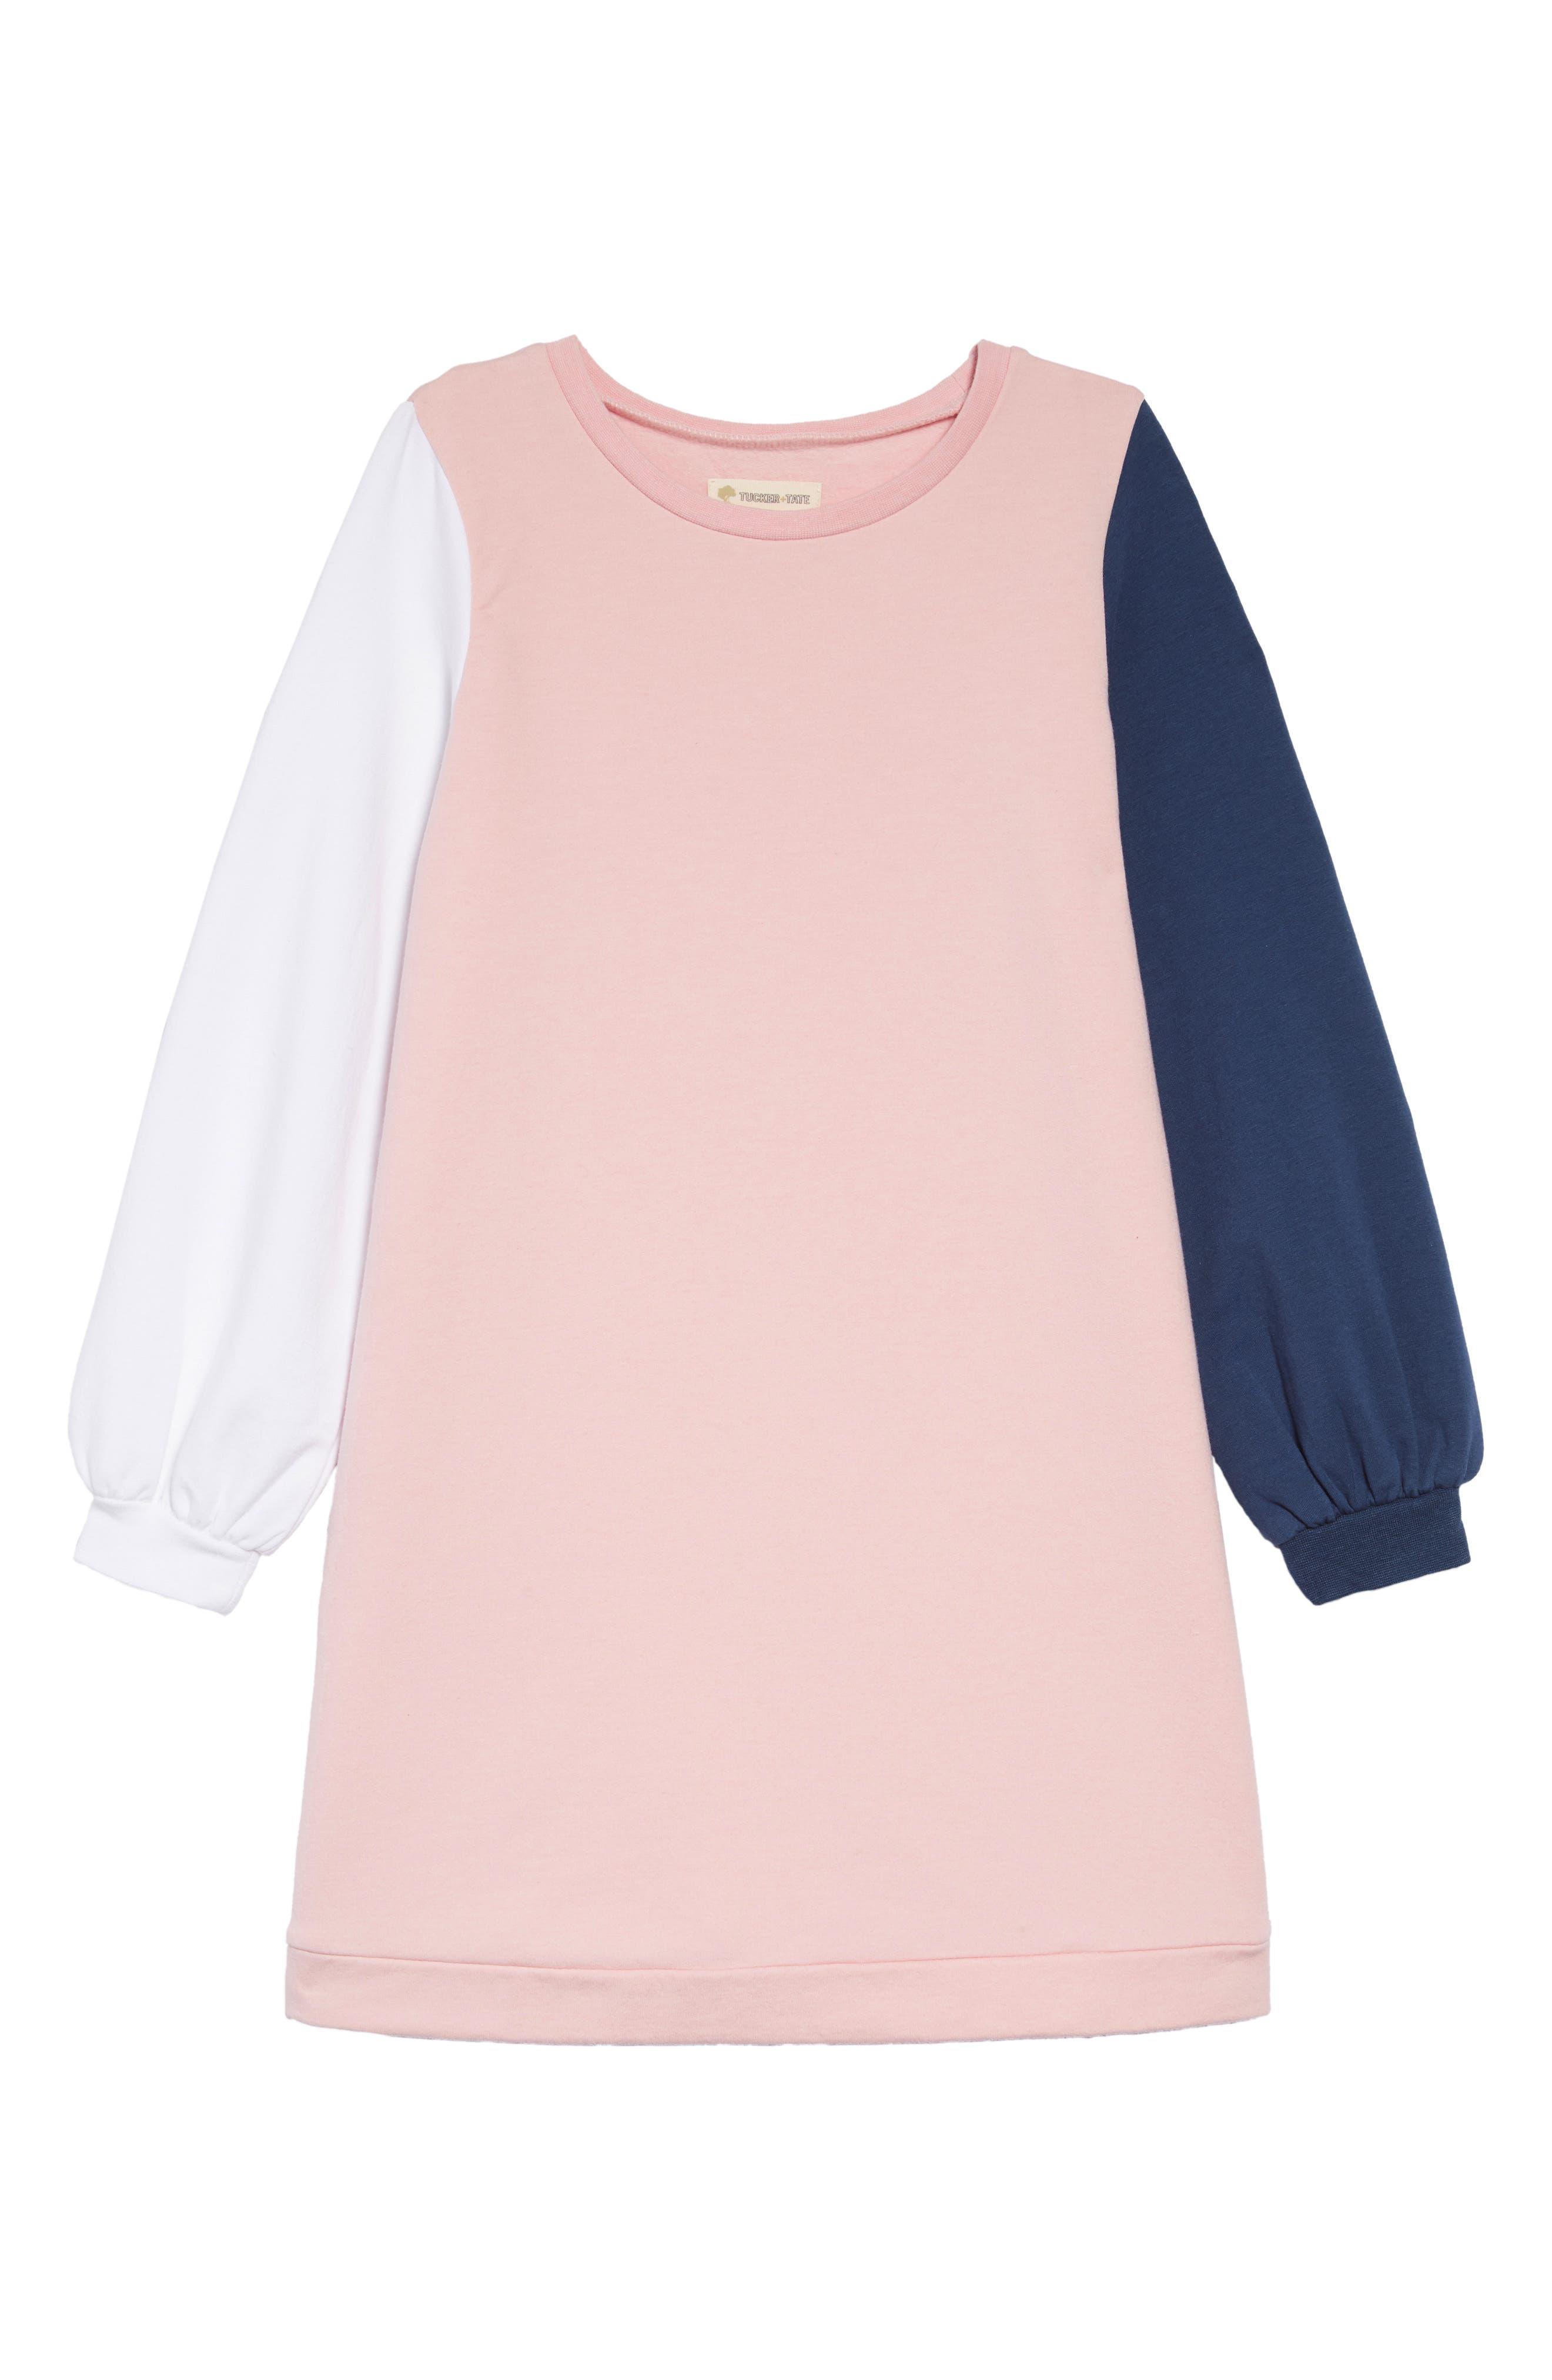 TUCKER + TATE Colorblock Fleece Dress, Main, color, 680